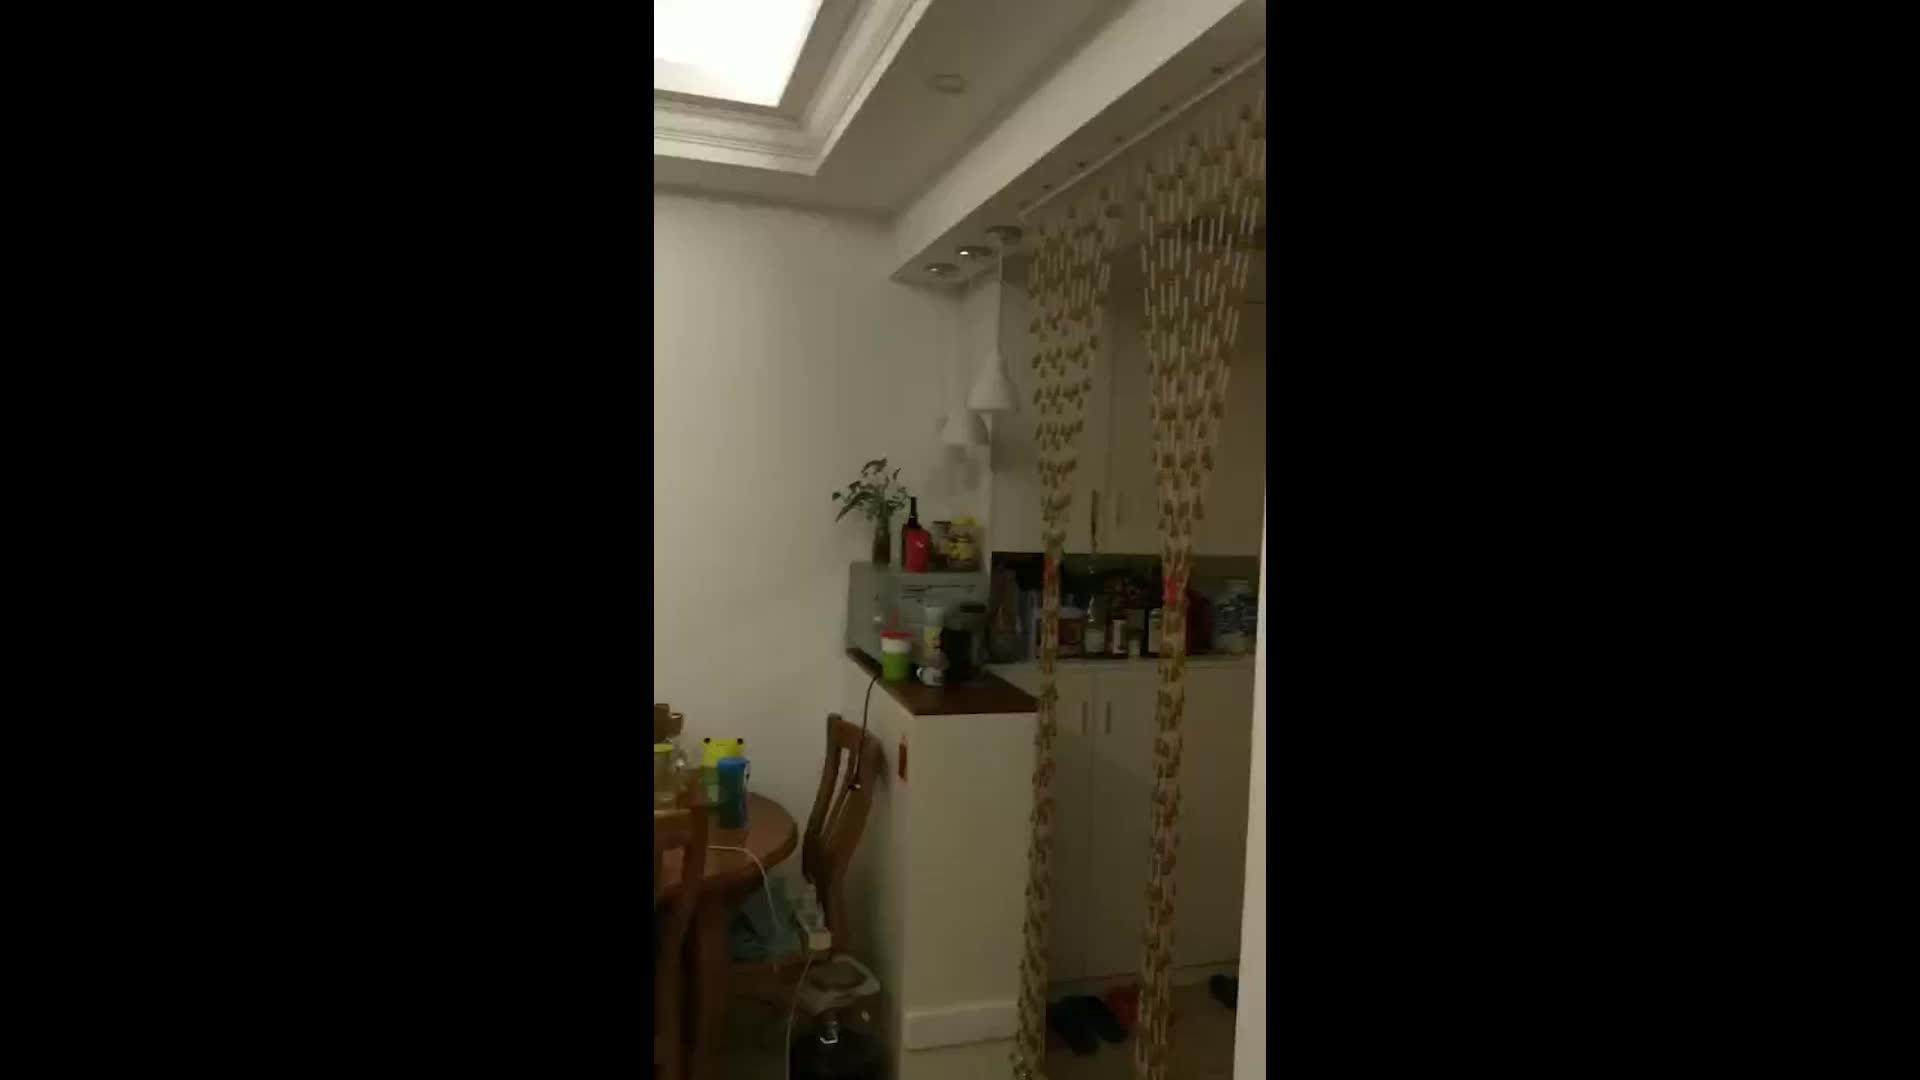 实拍:云南通海地震 房内吊灯旋转绕圈